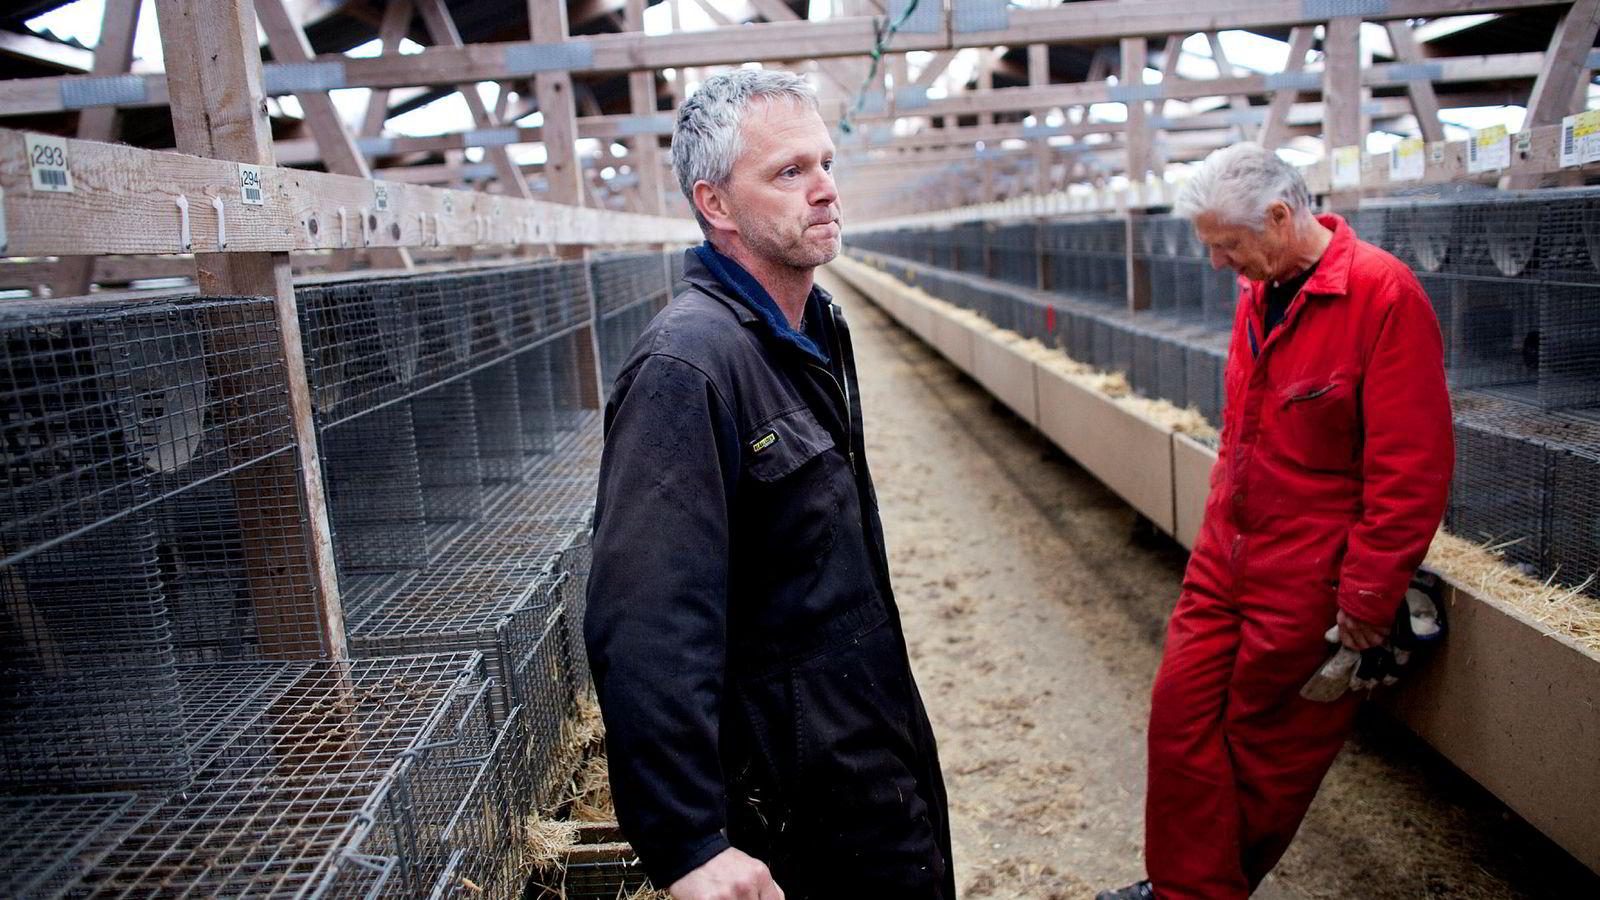 Mink-oppretter Bength Oftedal (48) og faren Ove Oftedal (75) mener det vil bli vanskelig å starte annen virksomhet med den kompensasjonsordningen regjeringen har foreslått når næringen legges ned.